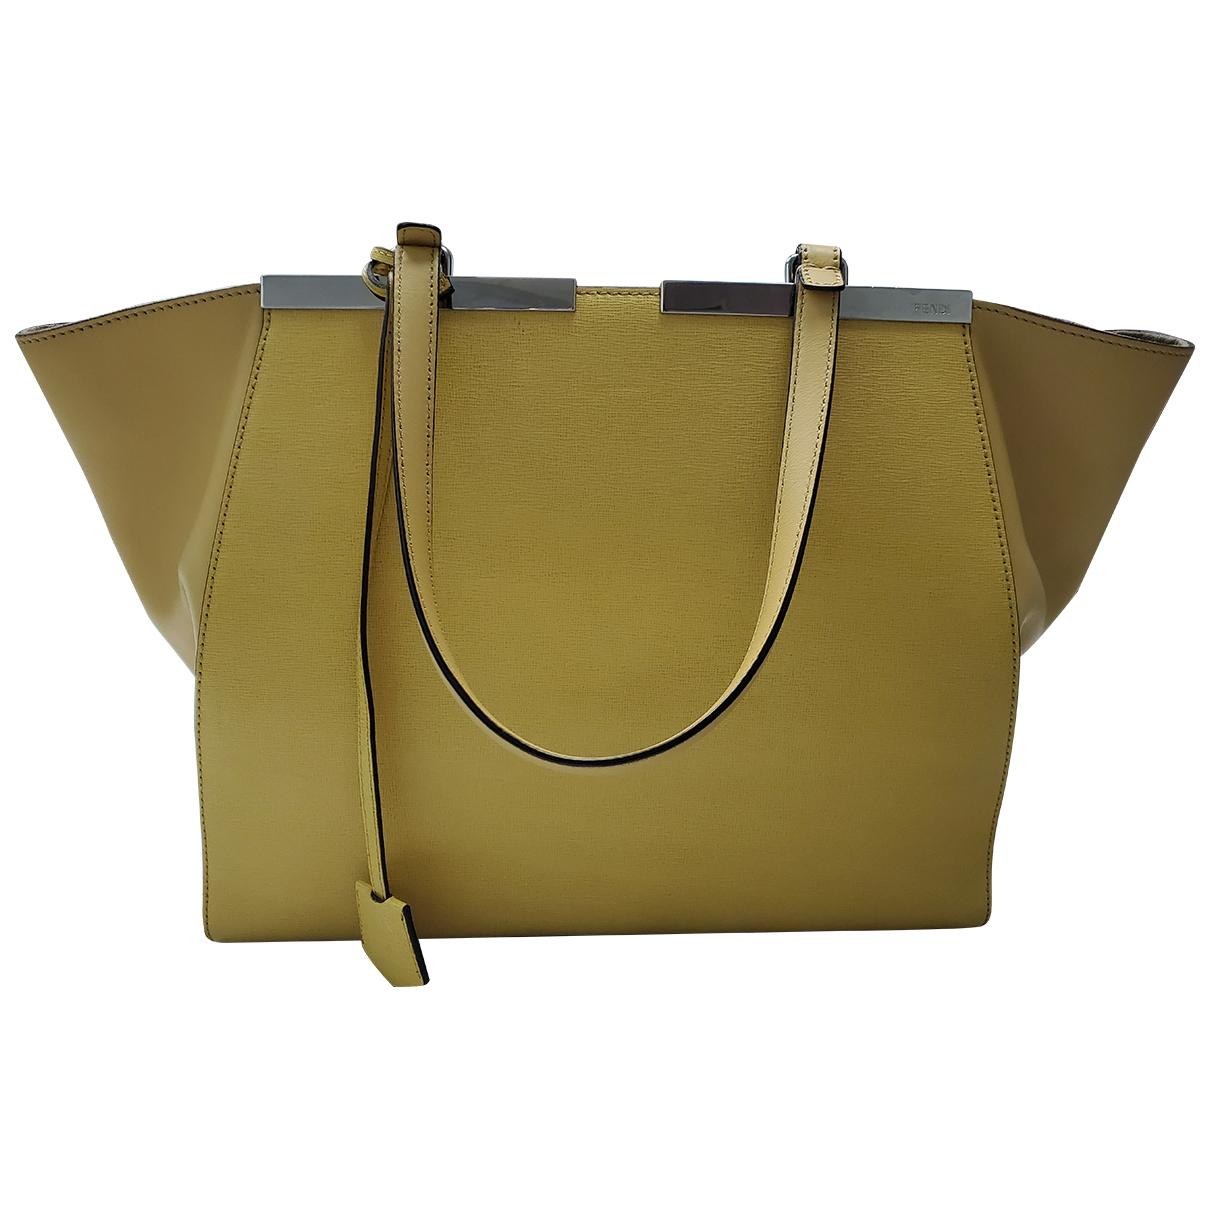 Fendi 3Jours Yellow Leather handbag for Women \N